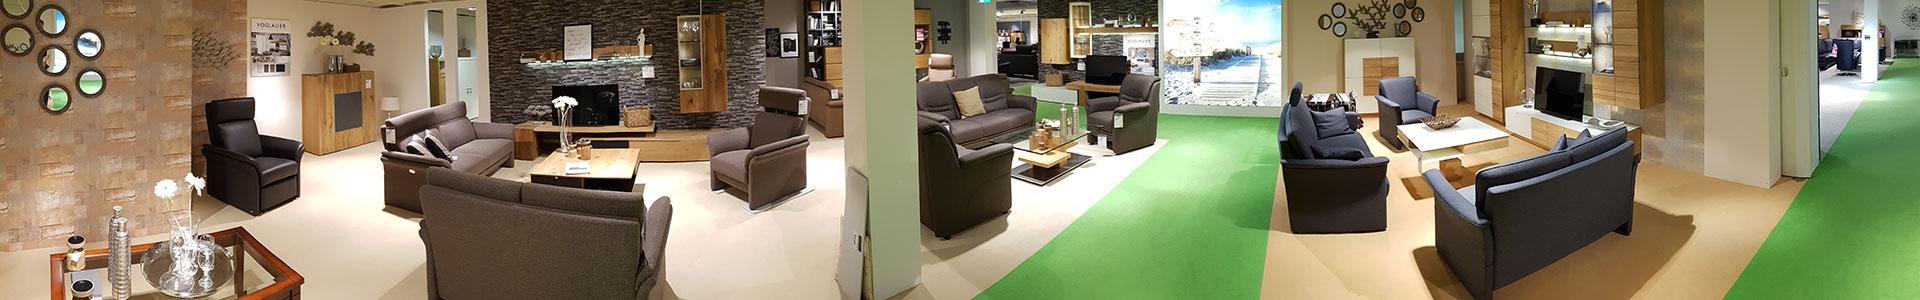 aktuelles bei janz aktuelle werbung und jobs bei m bel janz. Black Bedroom Furniture Sets. Home Design Ideas